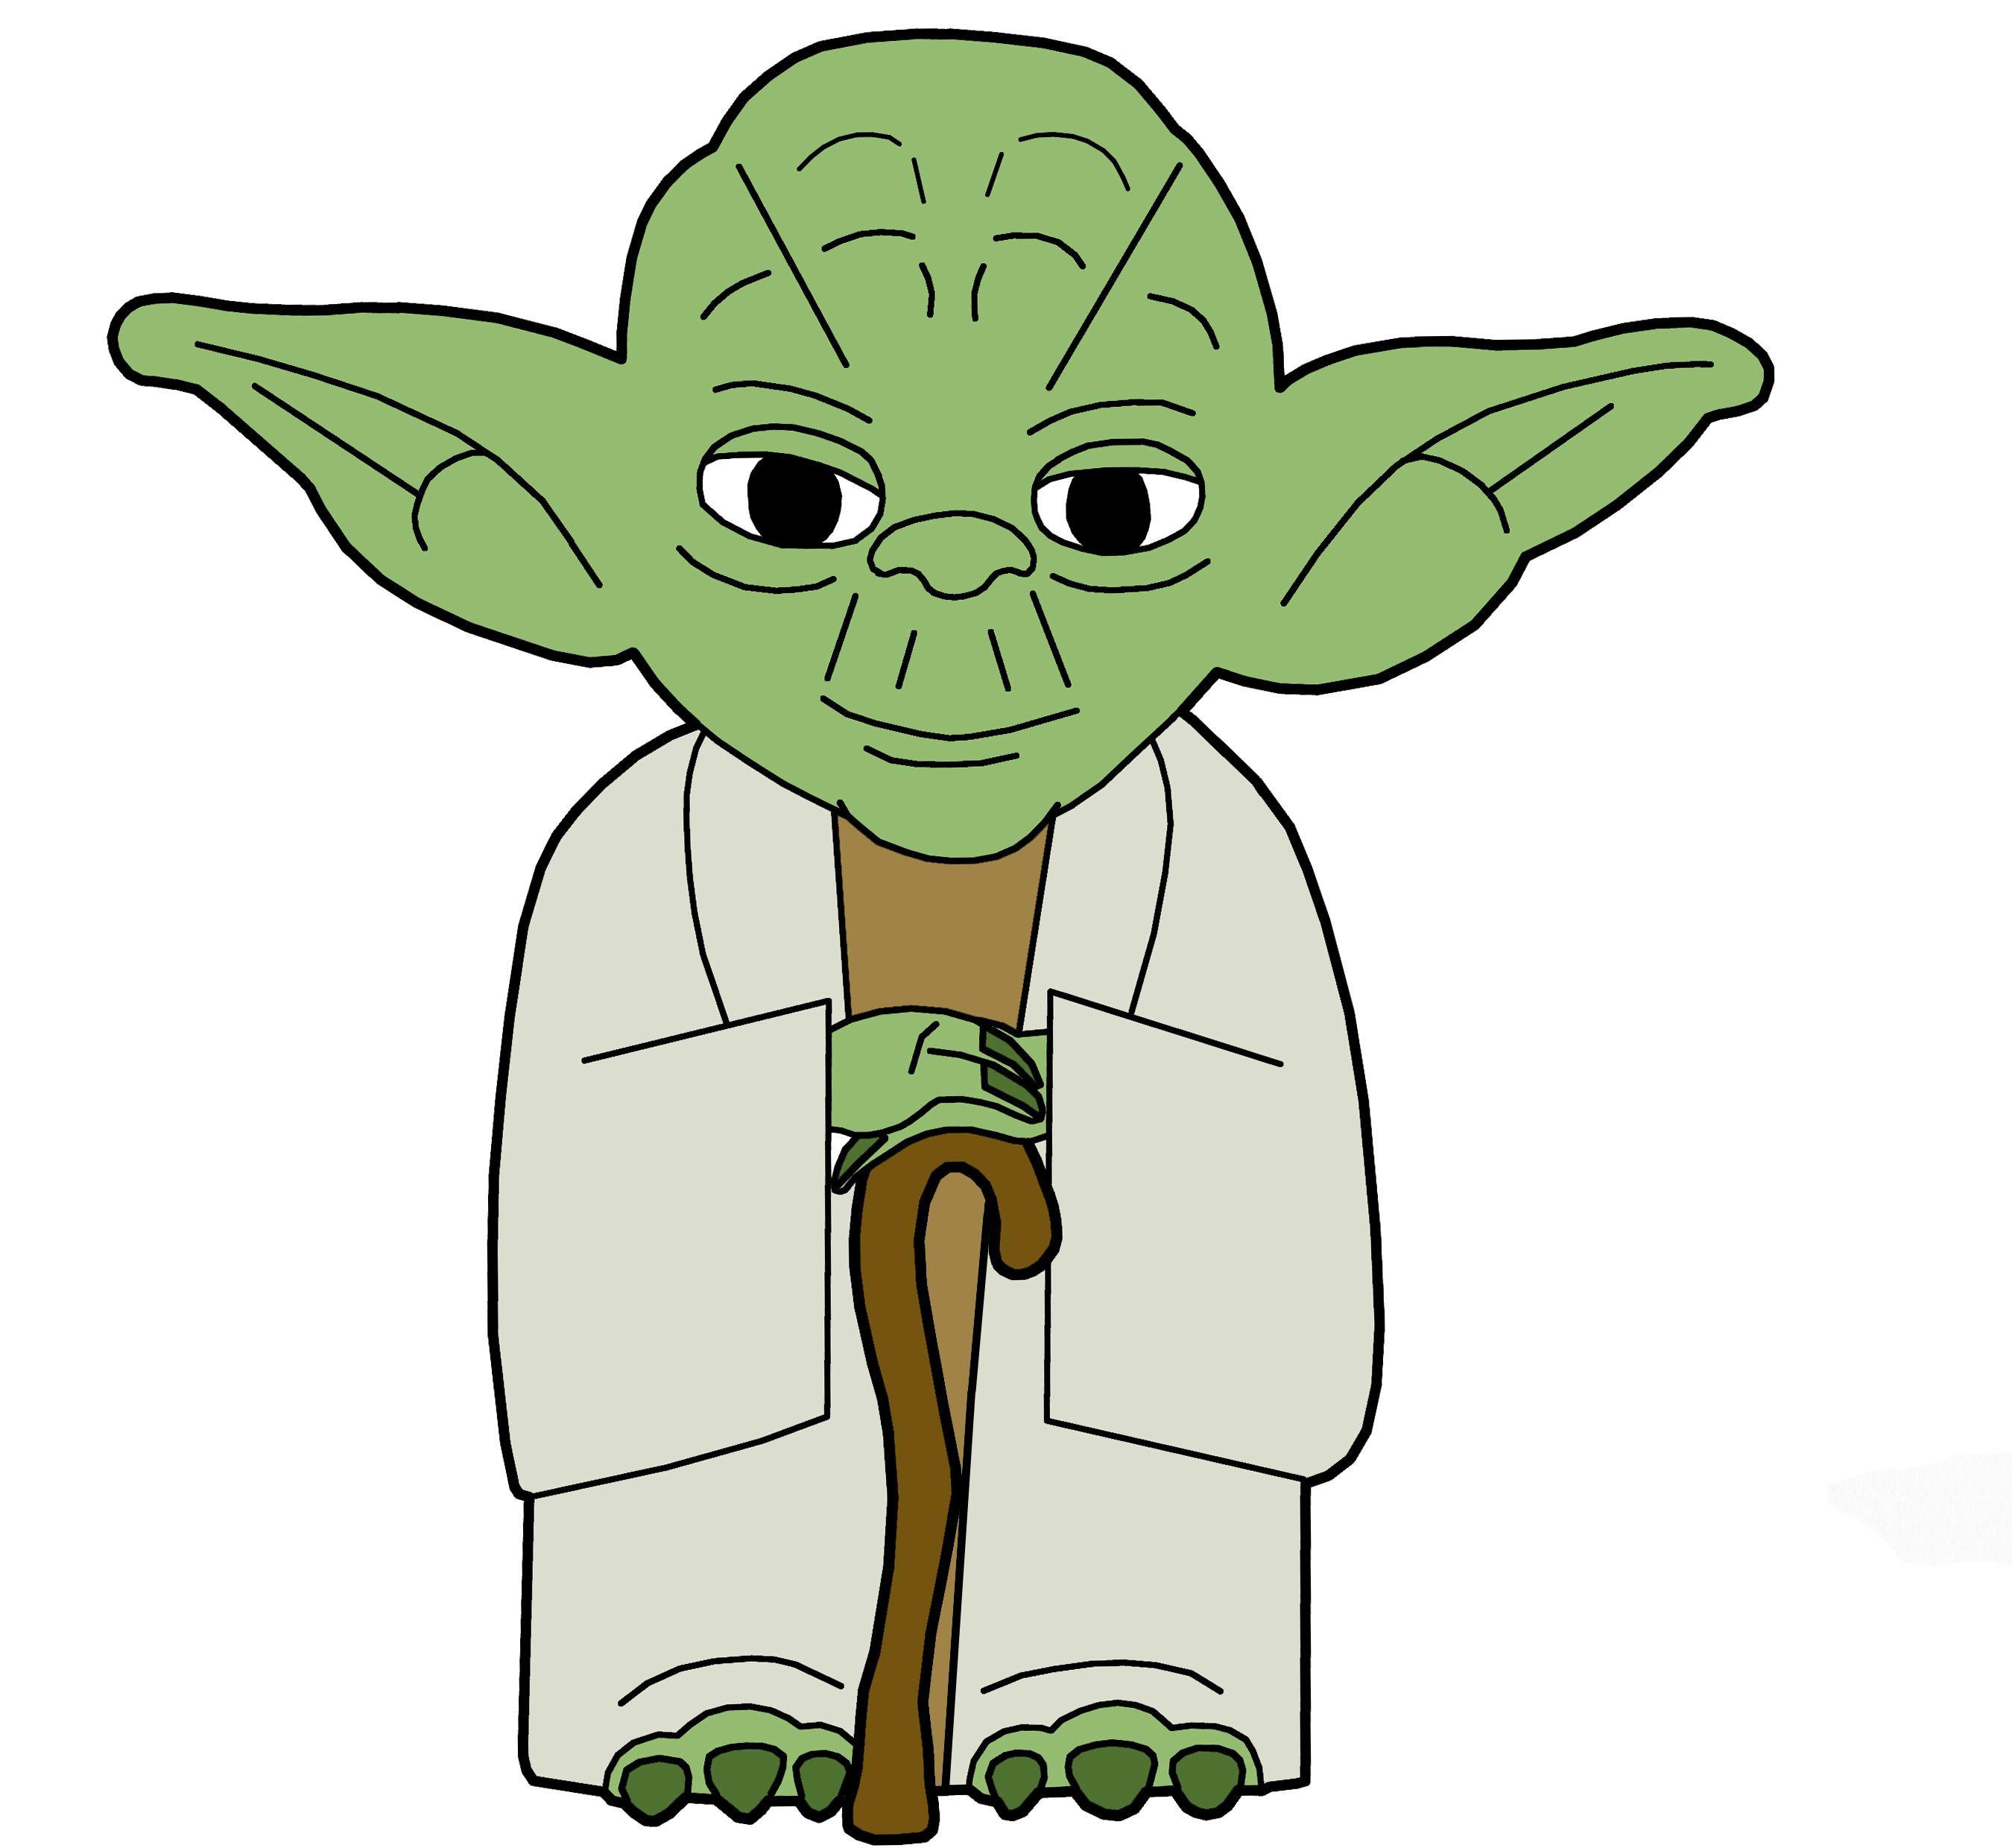 Star Wars Yoda Clip Art